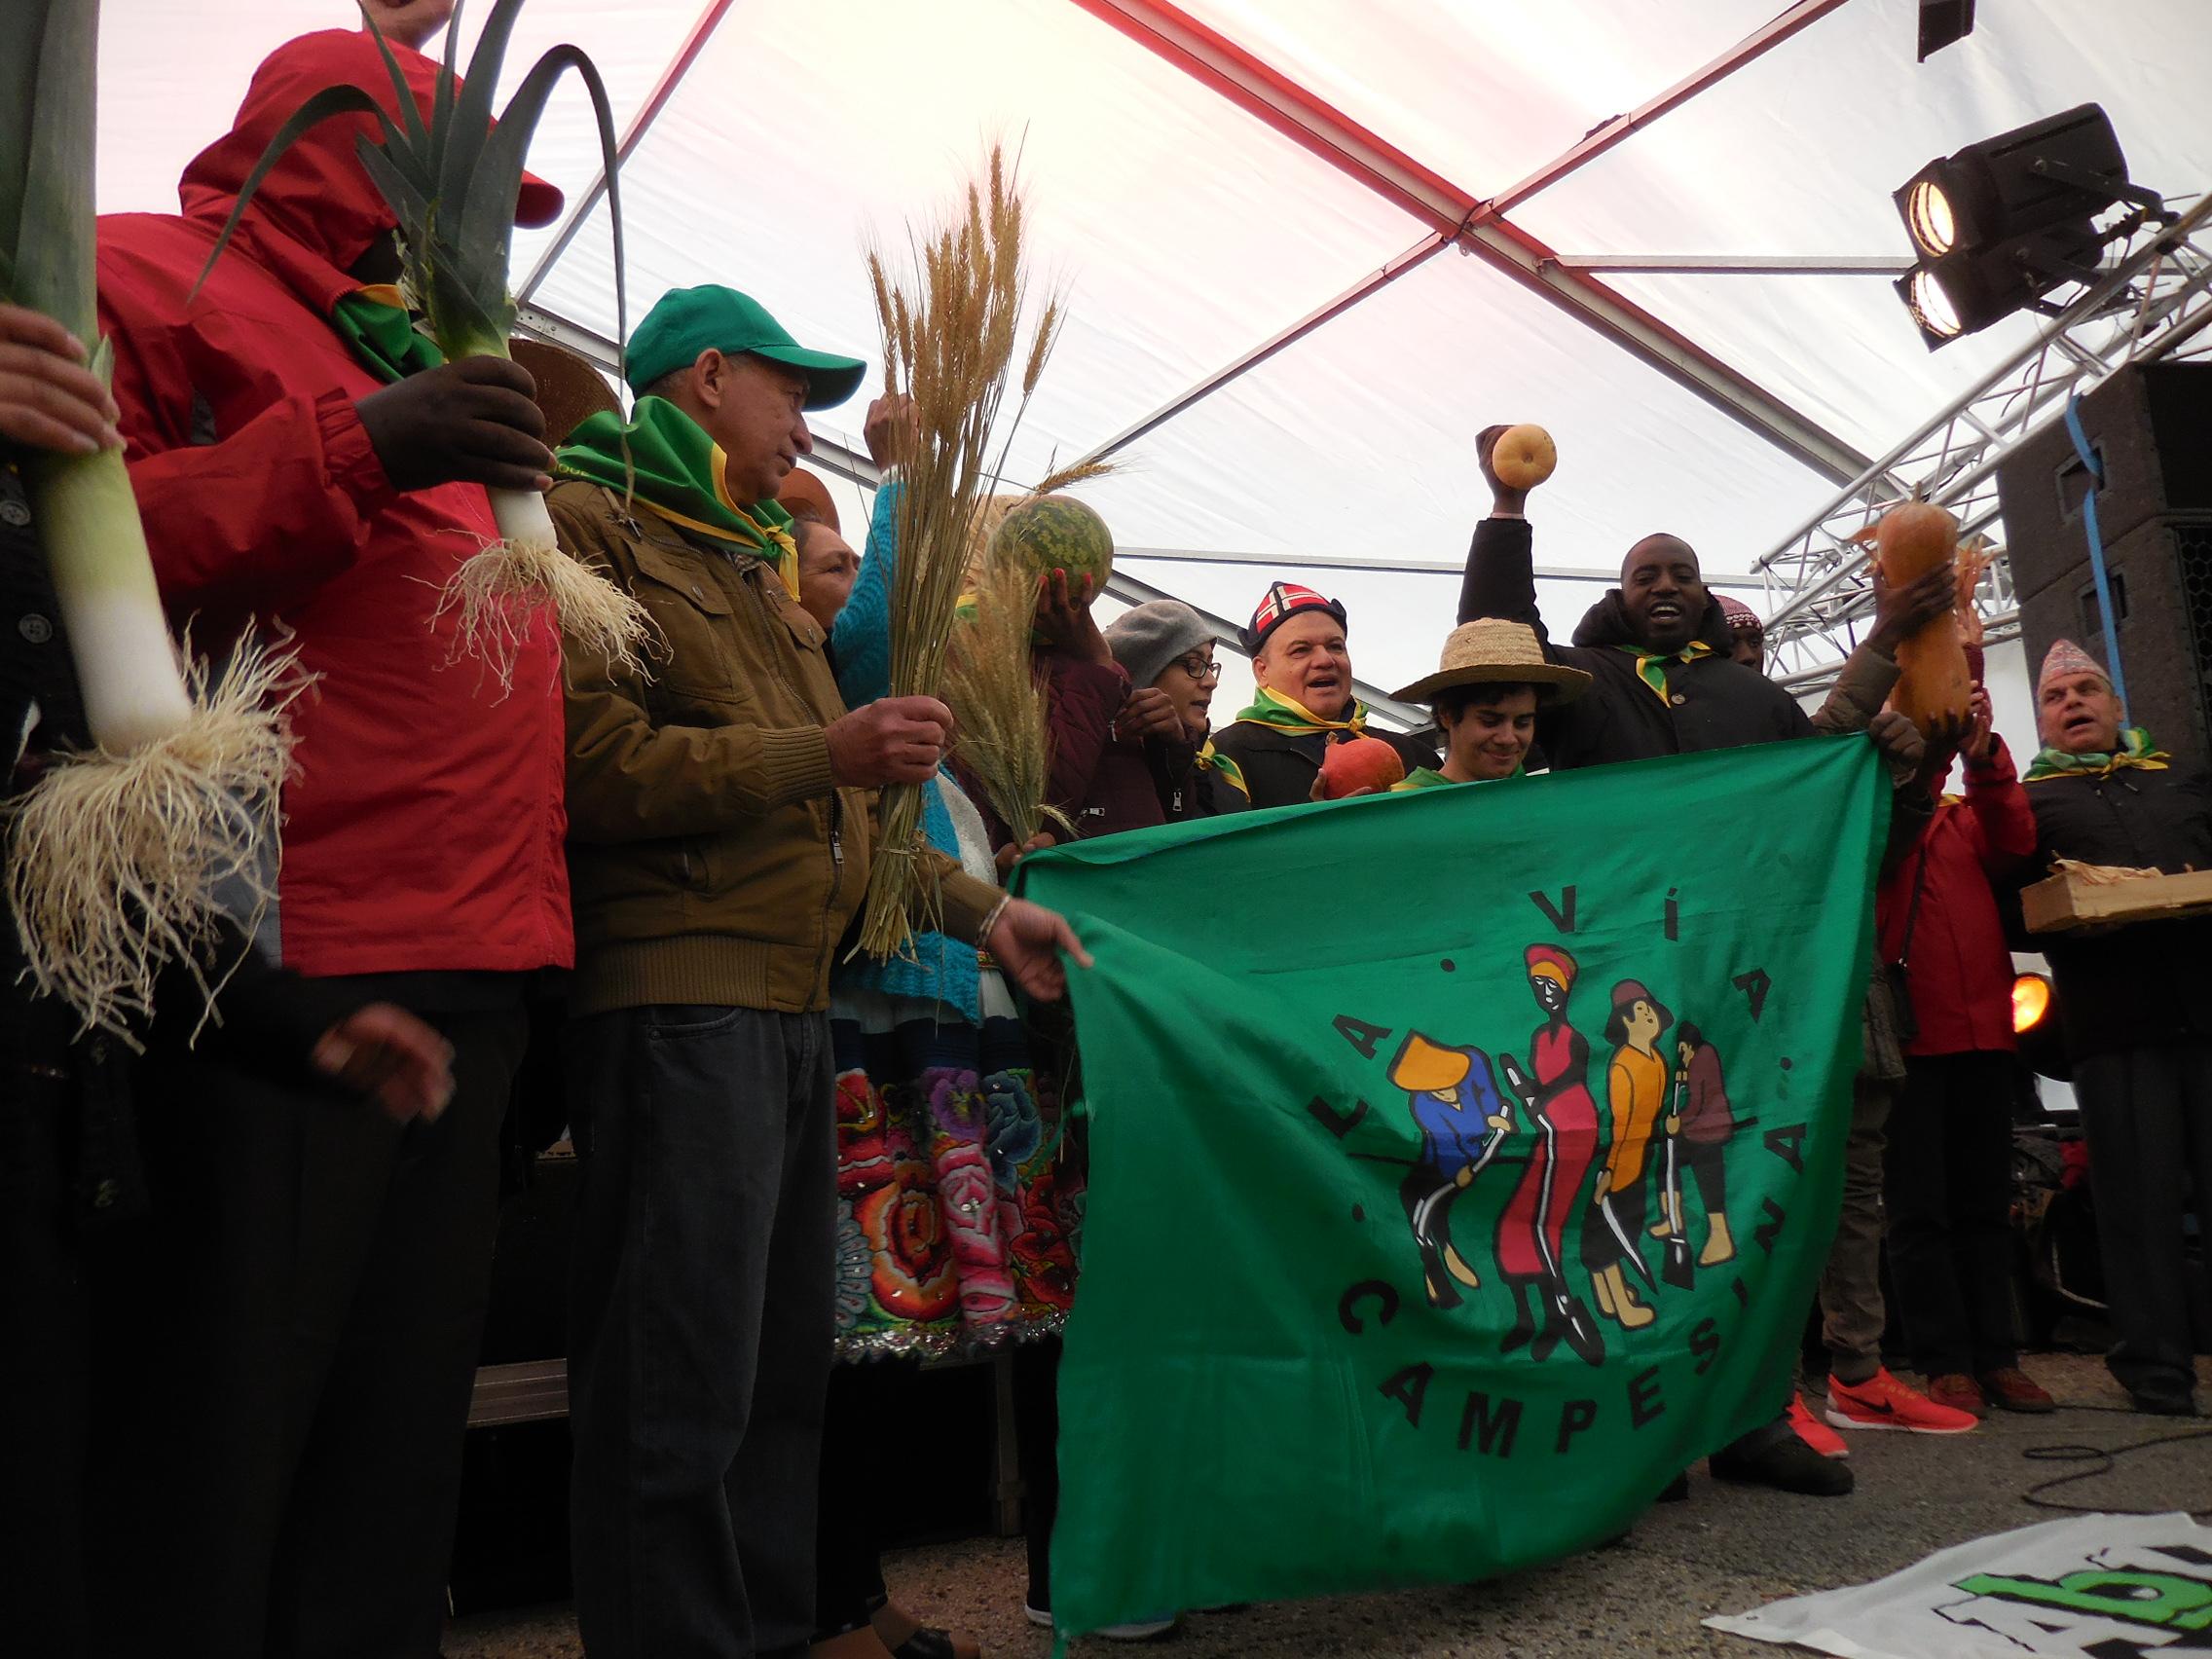 5 et 6 décembre 2015 : Montreuil, France. Une délégation d'une trentaine de paysans et de paysannes de la Via Campesina participe tout le week end, ...